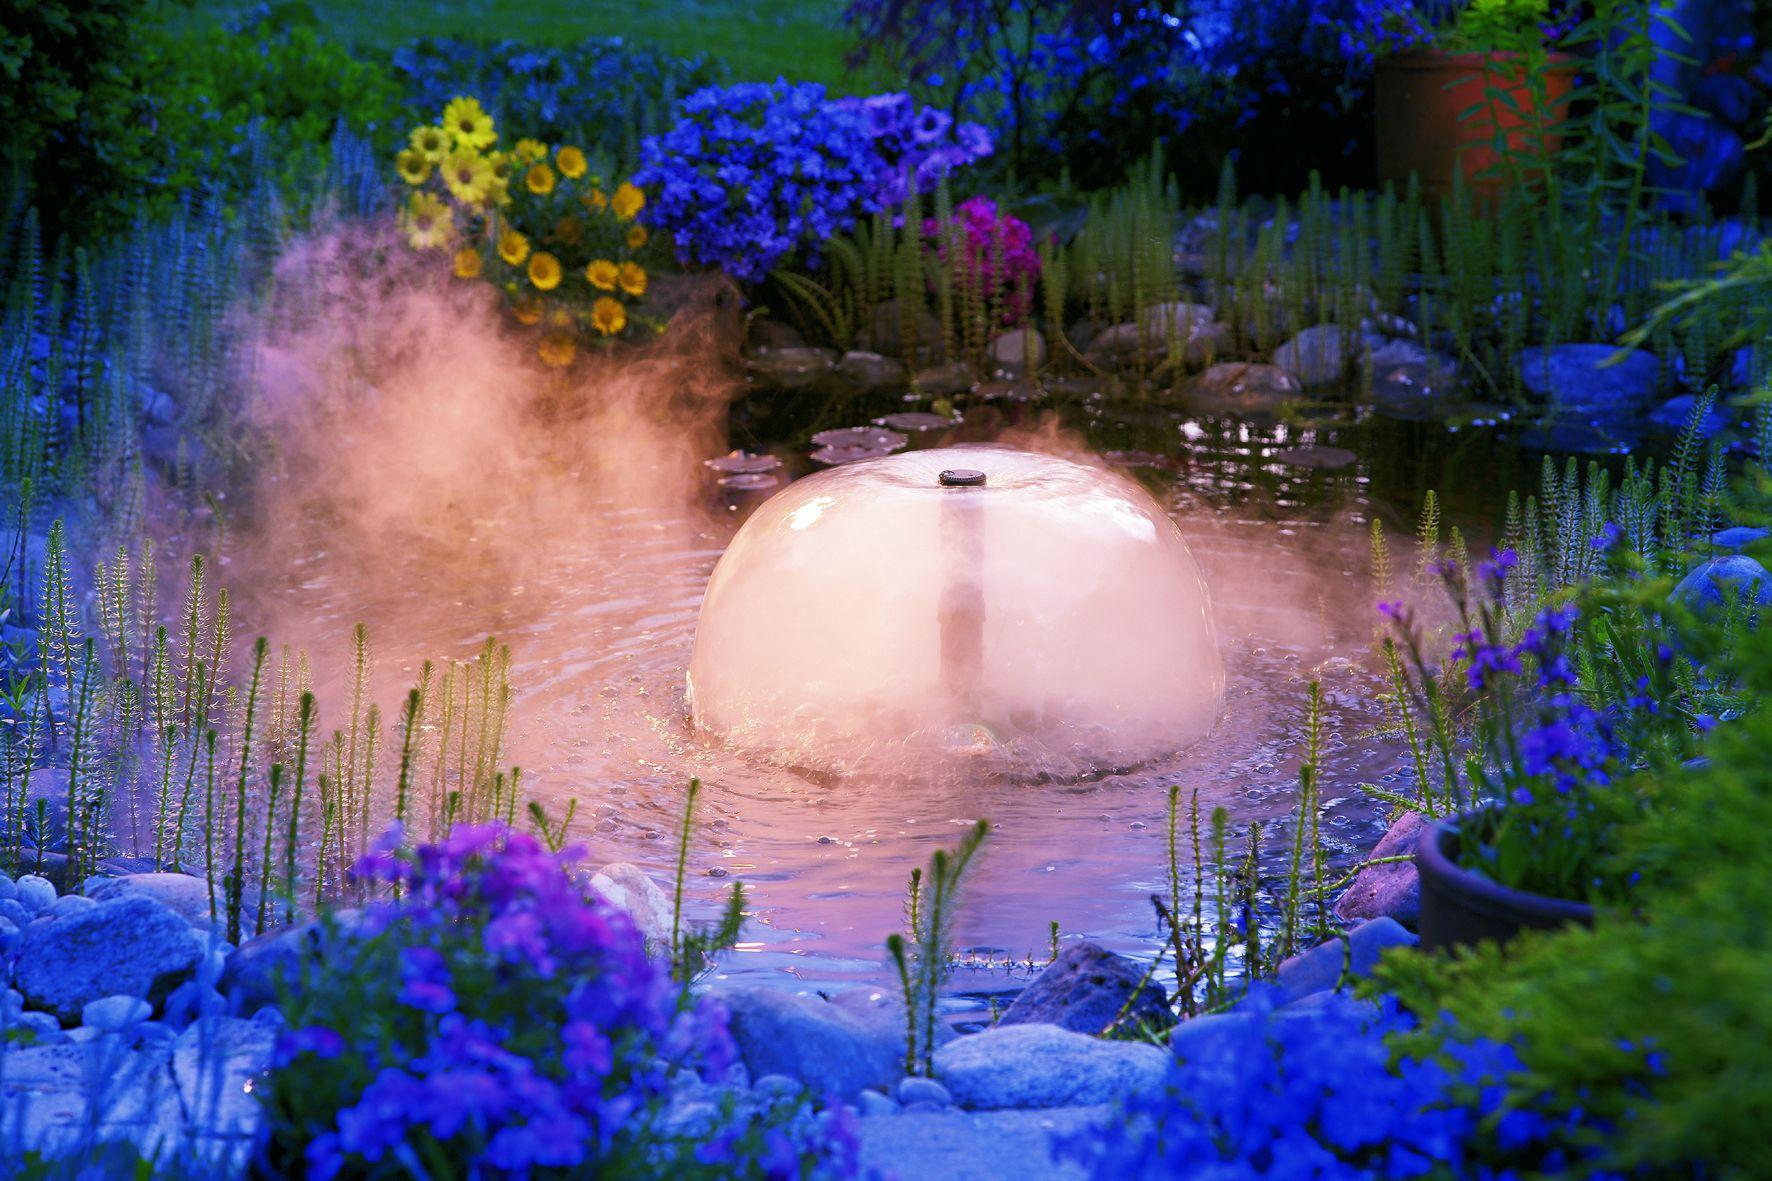 садовое освещение светильник в фонтане